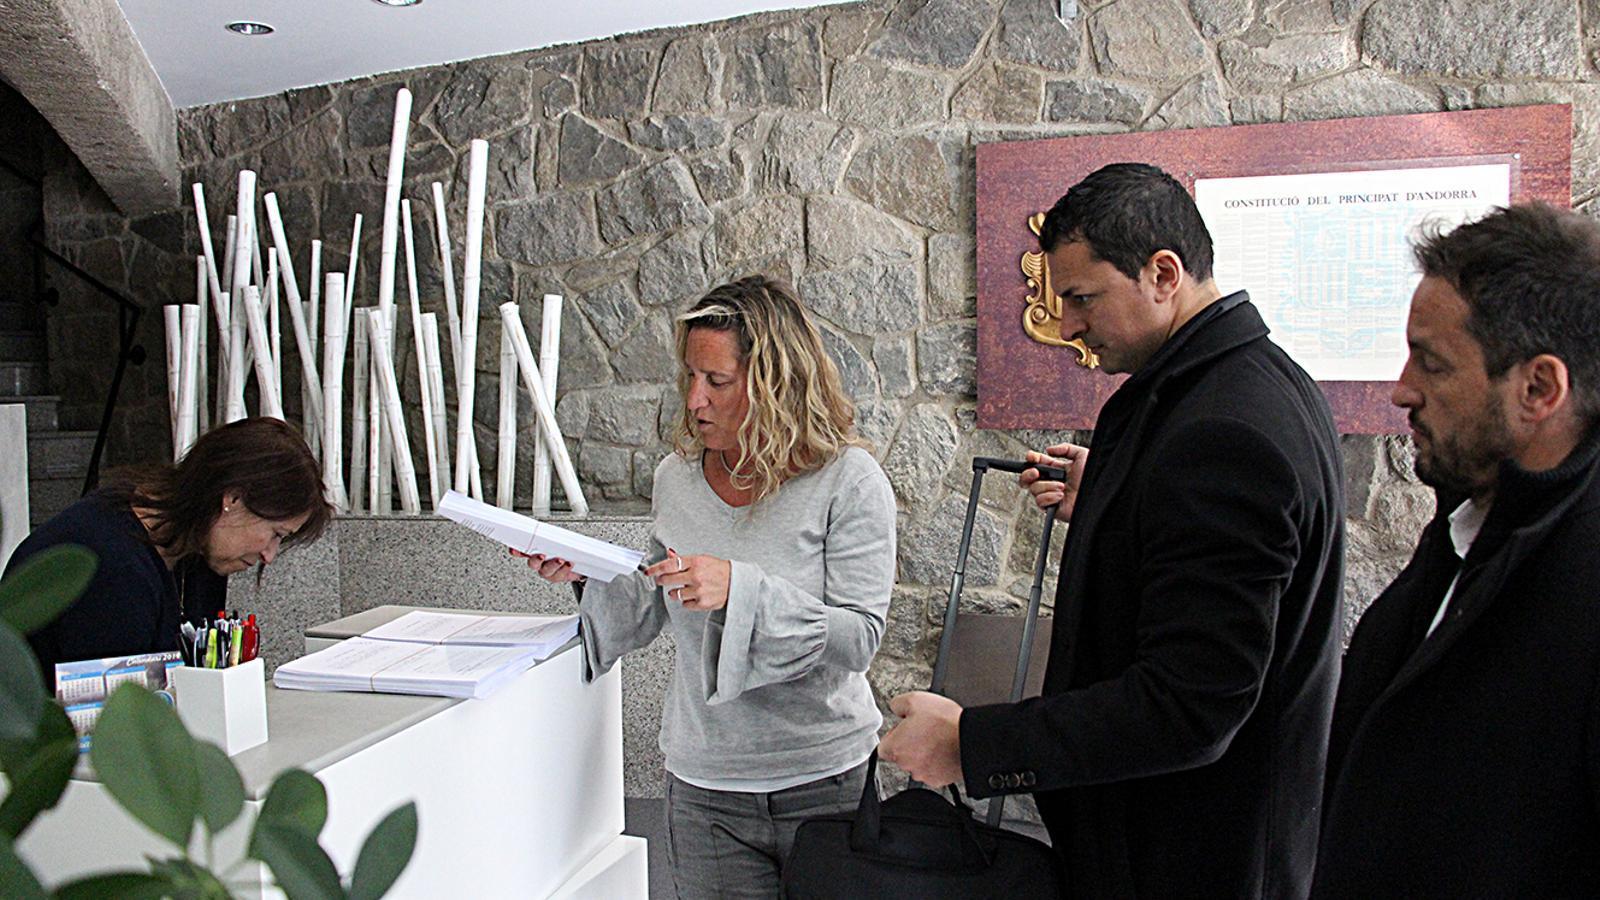 Eva López, Jordi Gallardo i Pere López en el moment d'entregar el recurs davant del TC. / M. M.